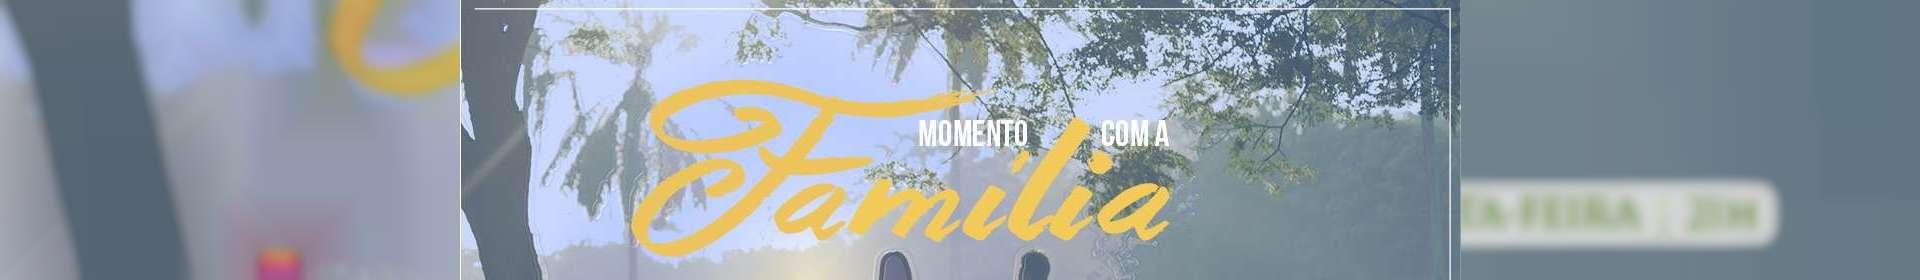 Momento com a Família 21/06/2019